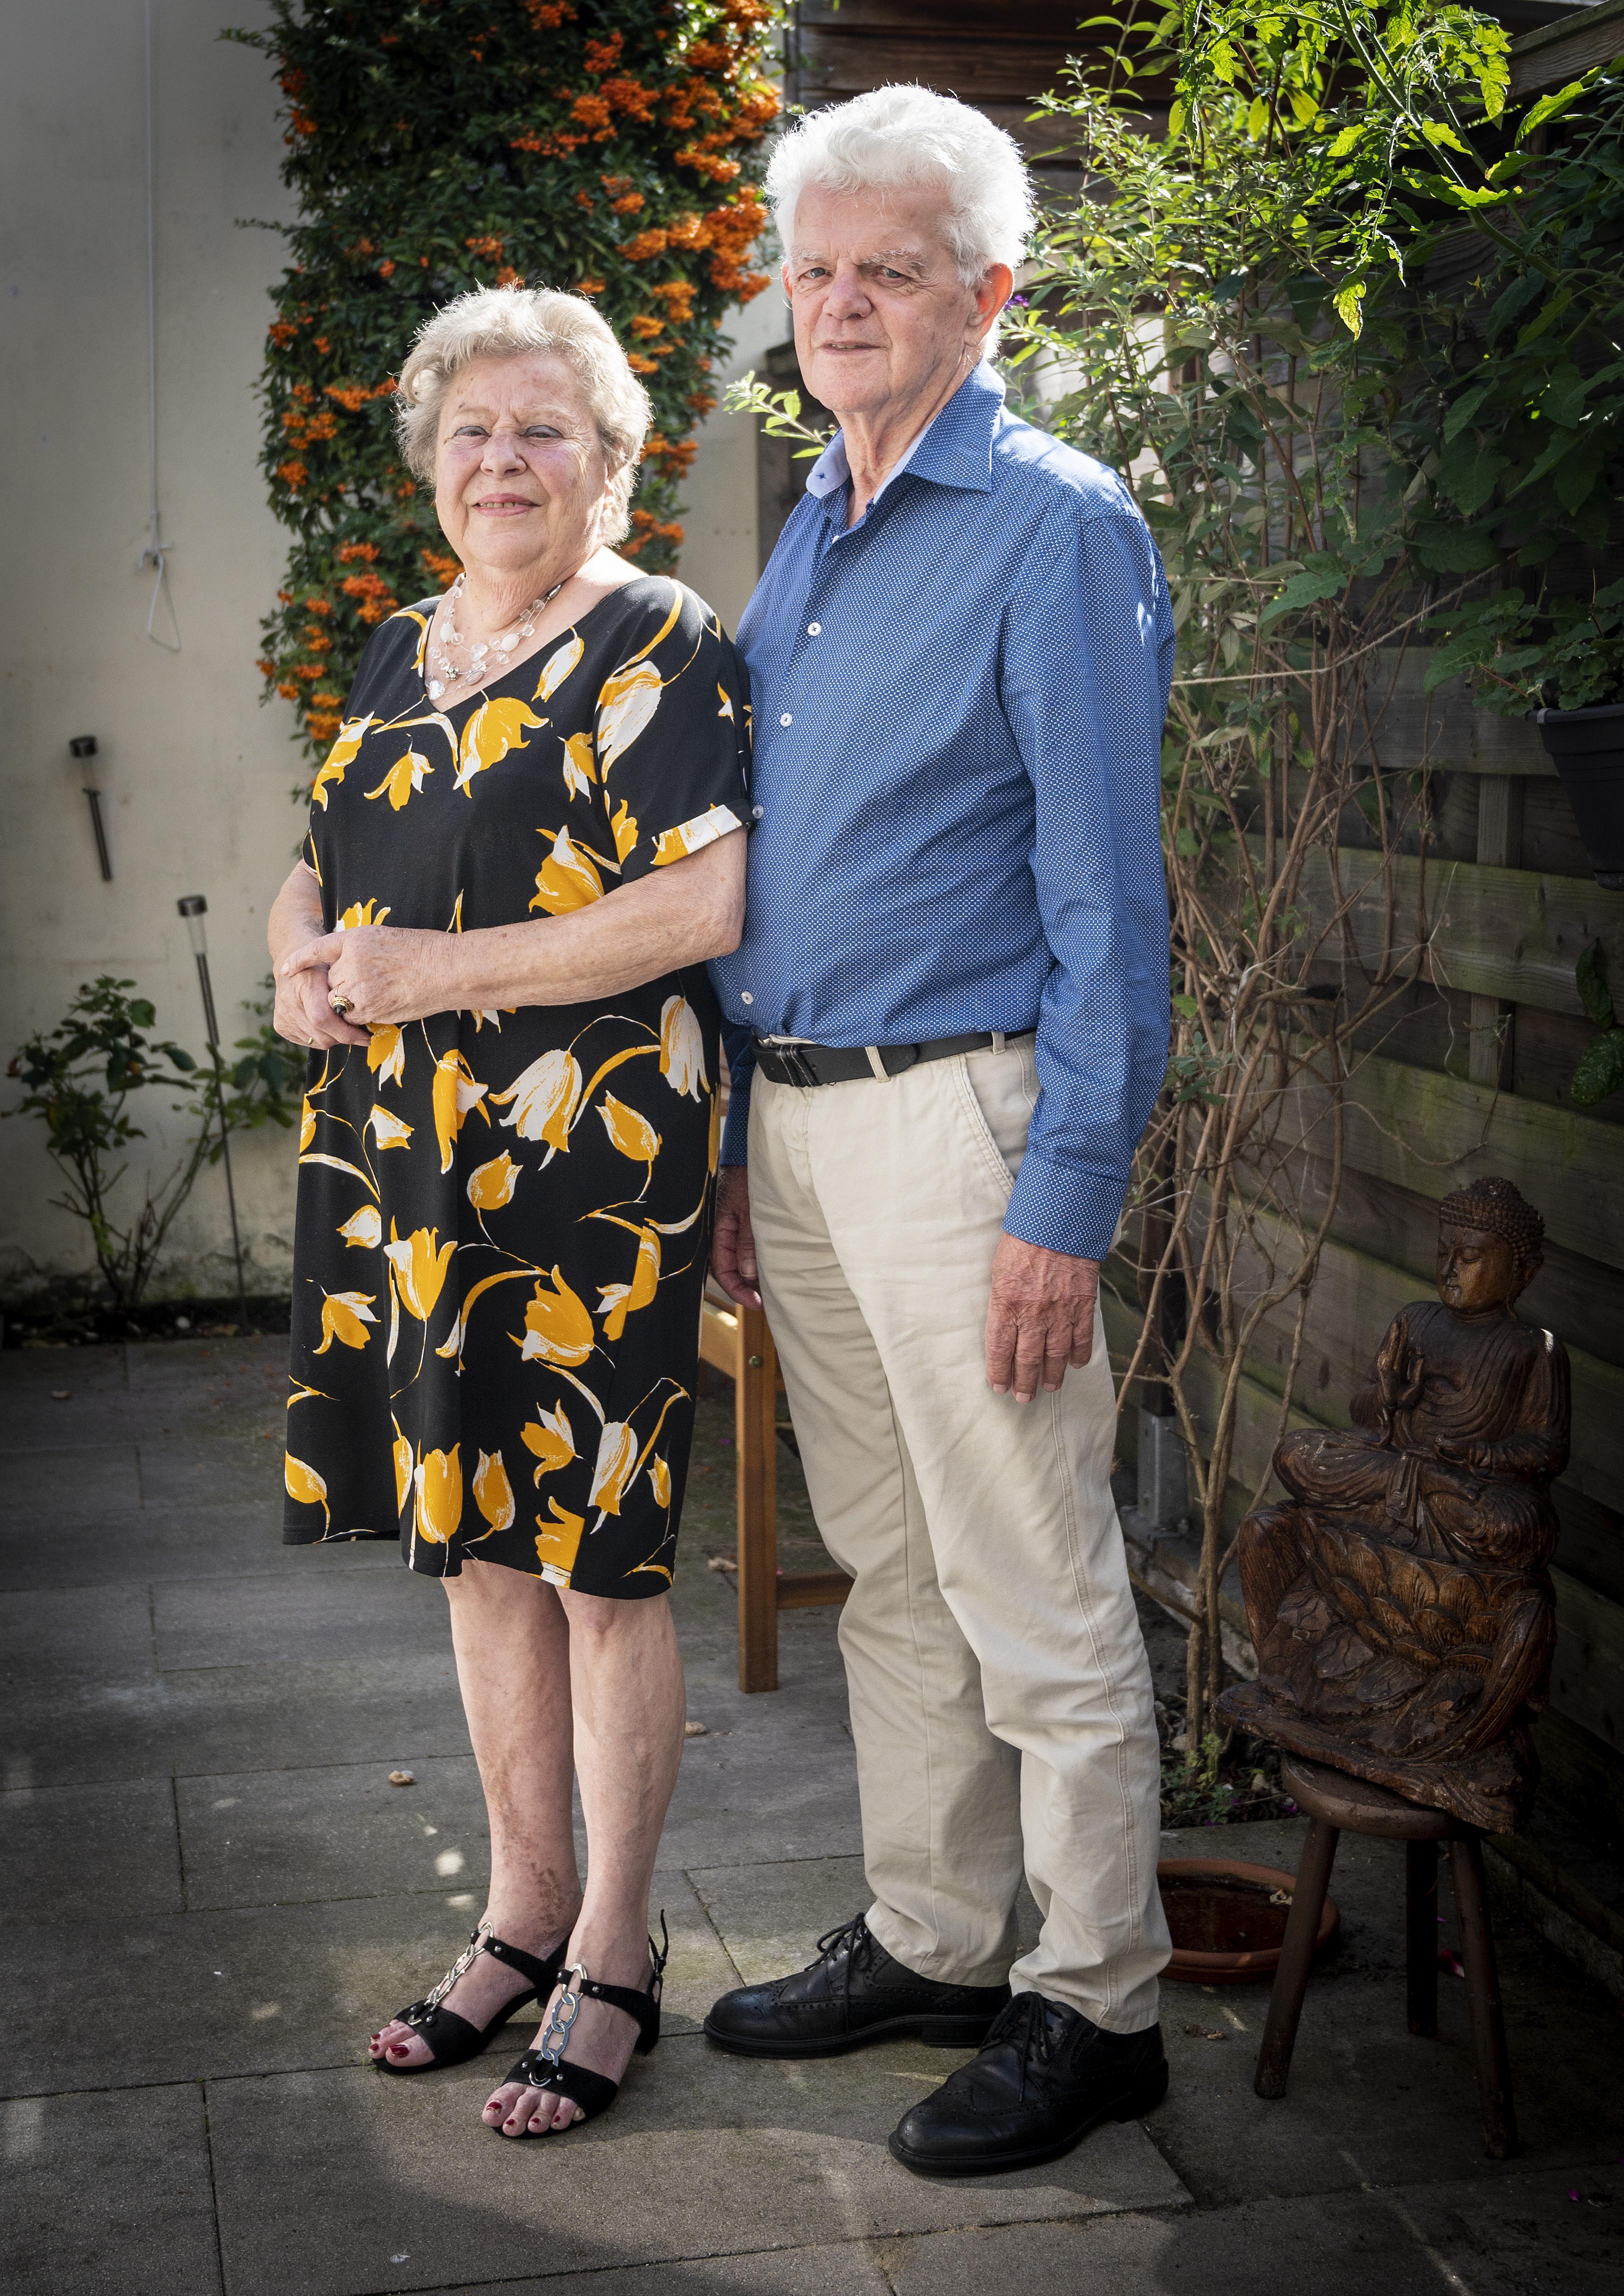 Ton en Tineke Deen zijn 65 jaar getrouwd: 'Als iedereen zo'n vrouw had als ik, dan waren er geen huwelijksbreuken'